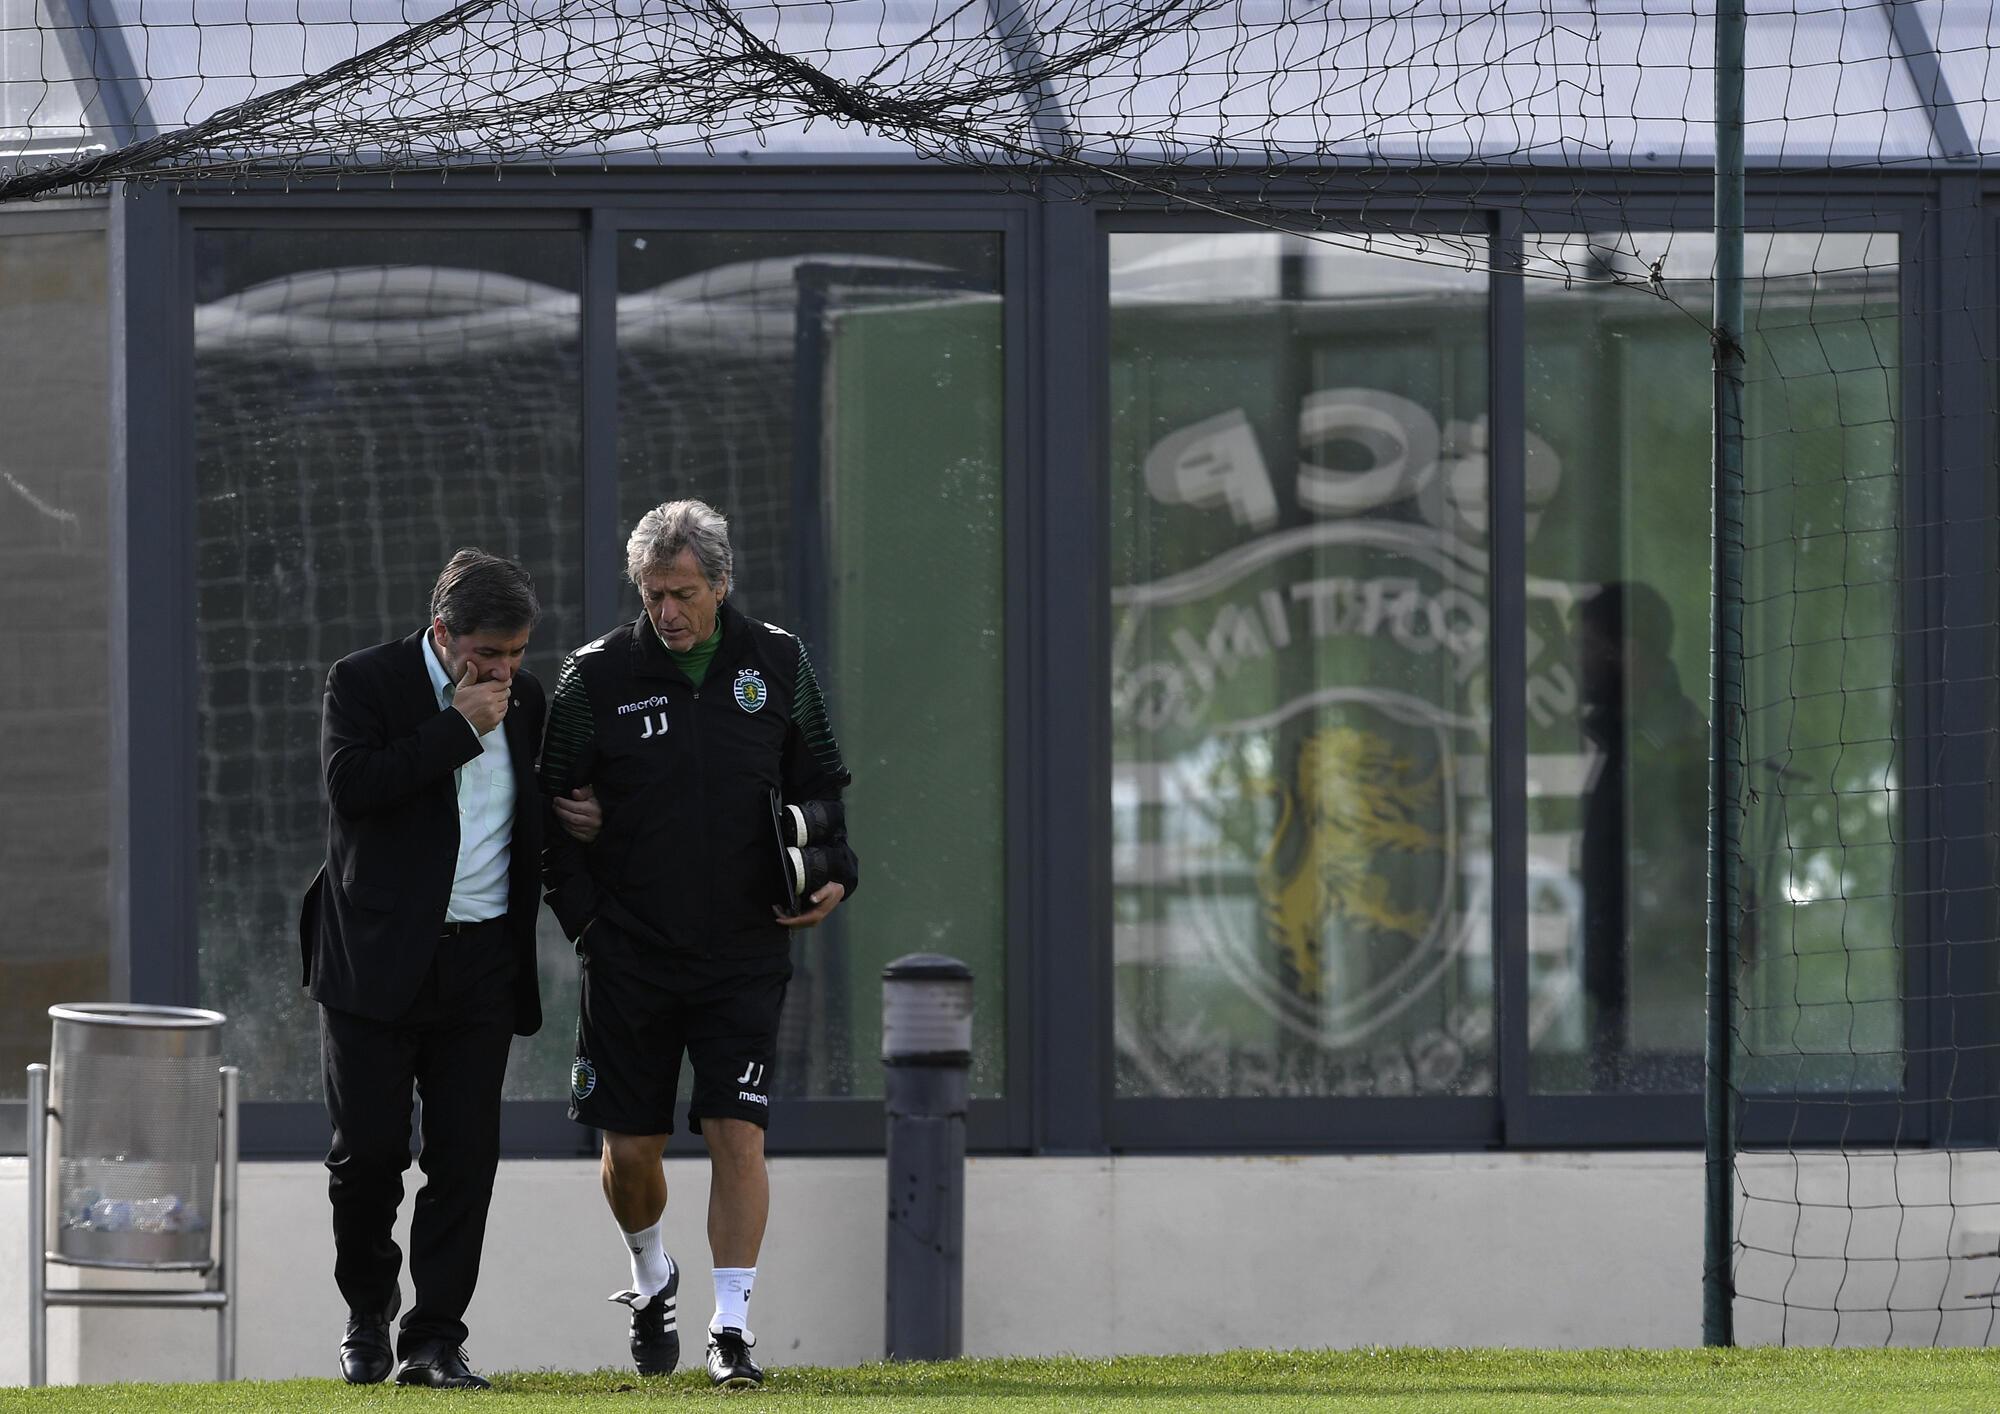 Bruno de Carvalho, le président du Sporting Clube de Portugal (gauche) avec l'entraîneur Jorge Jesus avant un entraînement le 21 novembre 2016.